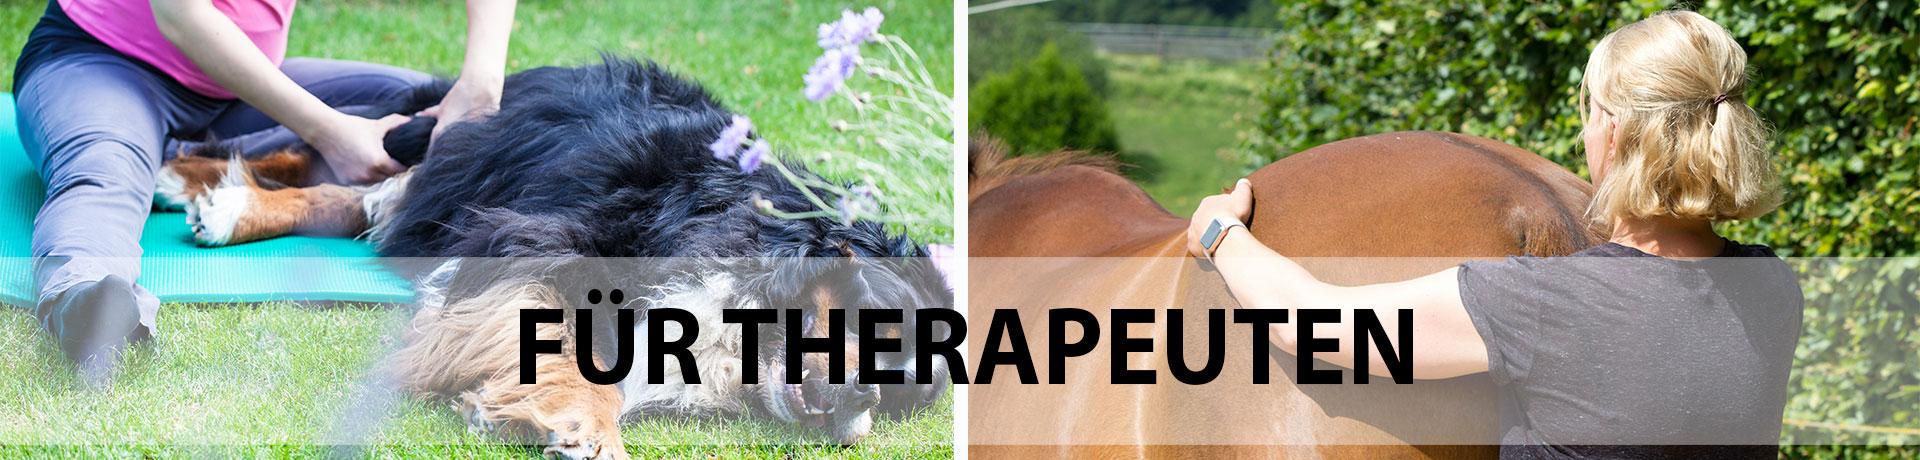 Banner - Für Therapeuten